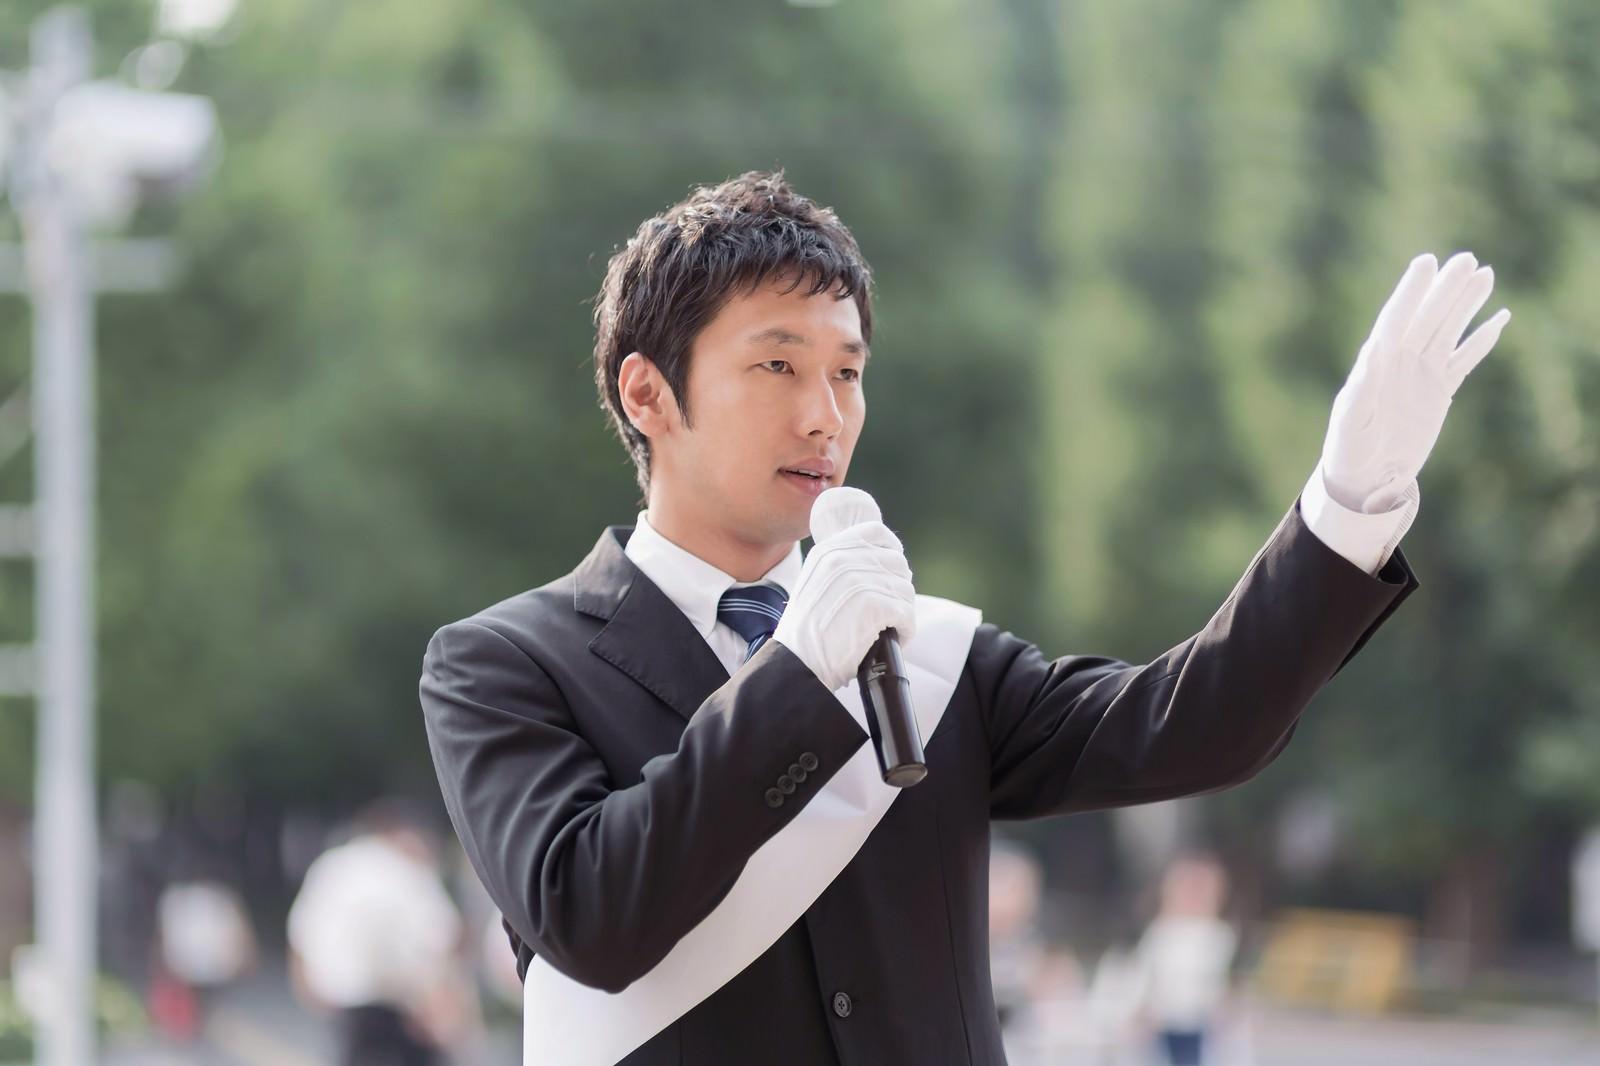 「タスキをかけて街頭演説をする男性」の写真[モデル:大川竜弥]